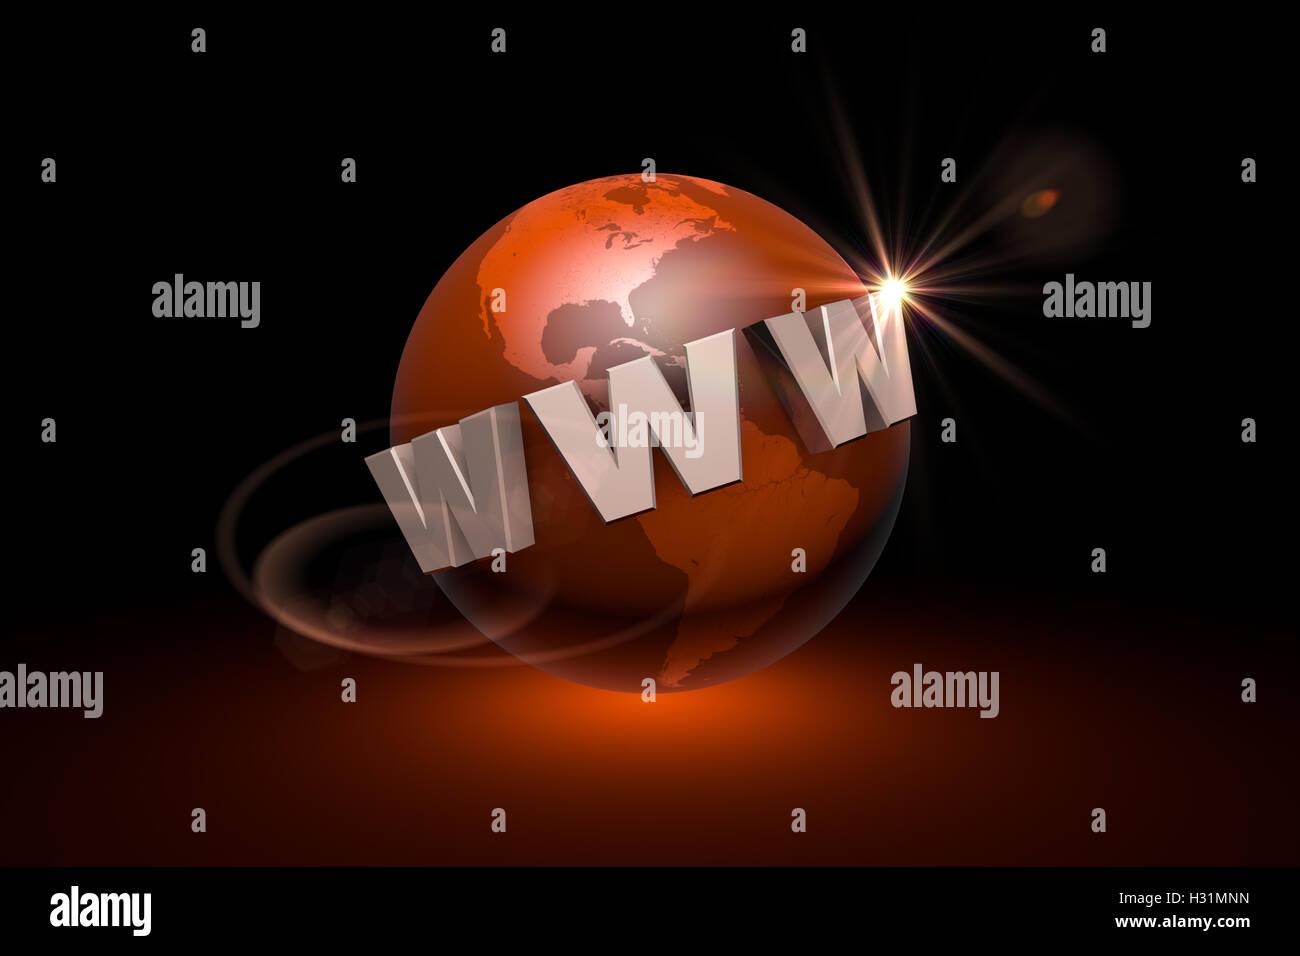 La globalizzazione. La comunicazione internazionale sistema. Le nuove tecnologie dell'informazione. Disponibili Immagini Stock